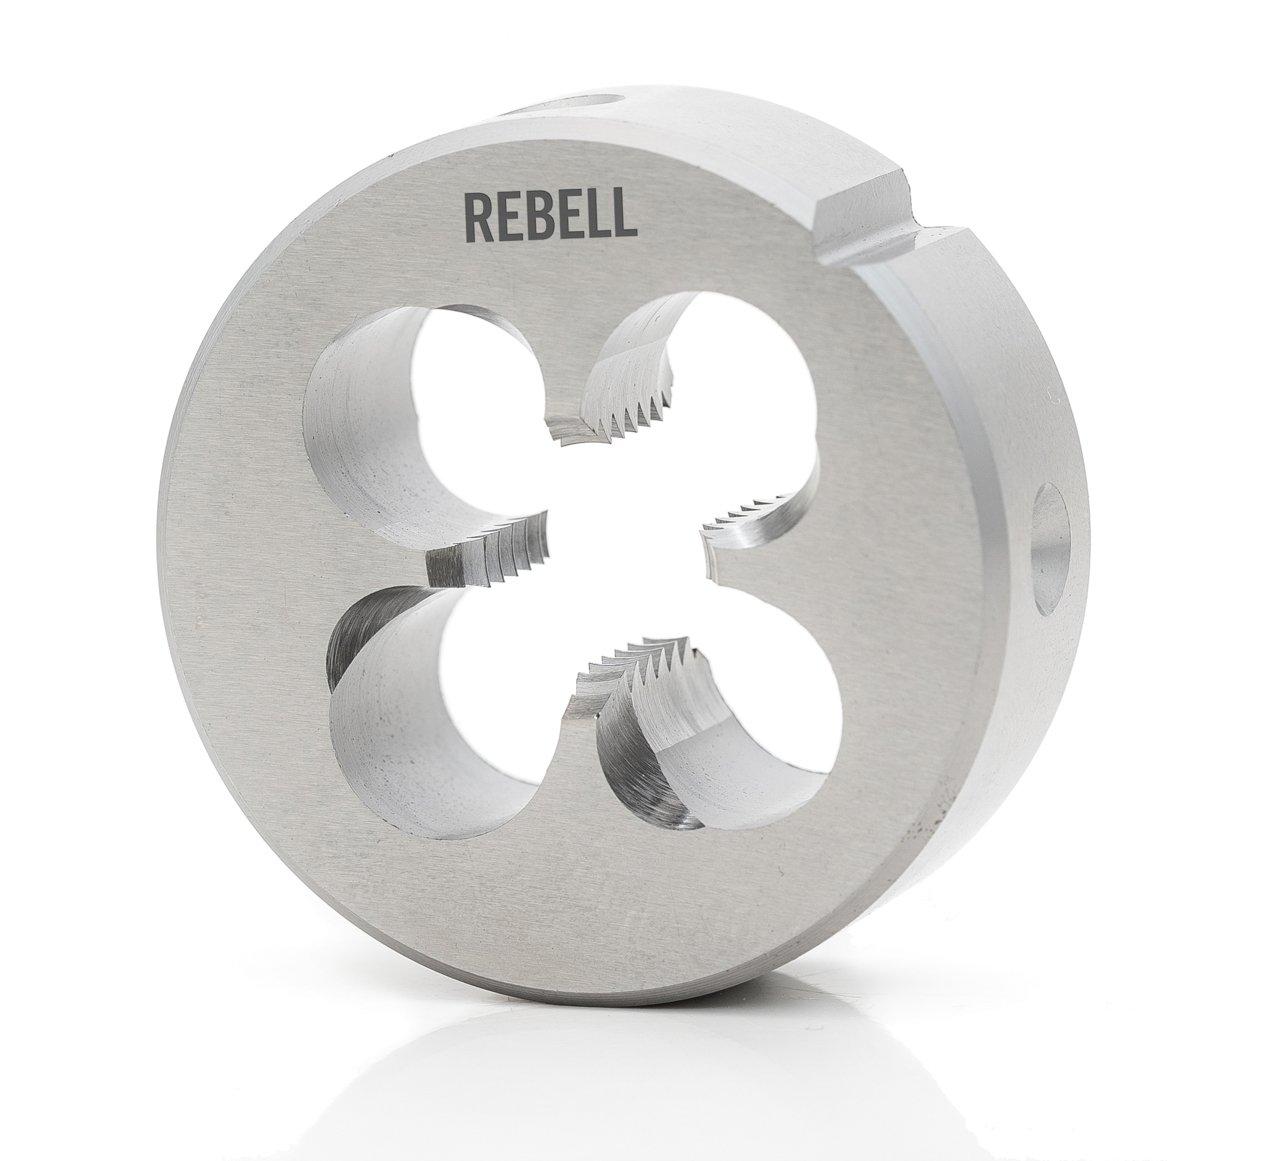 REBELL Schneideisen TR RH 7e HSS mit Schälanschnitt - EN 22568 - Typ N